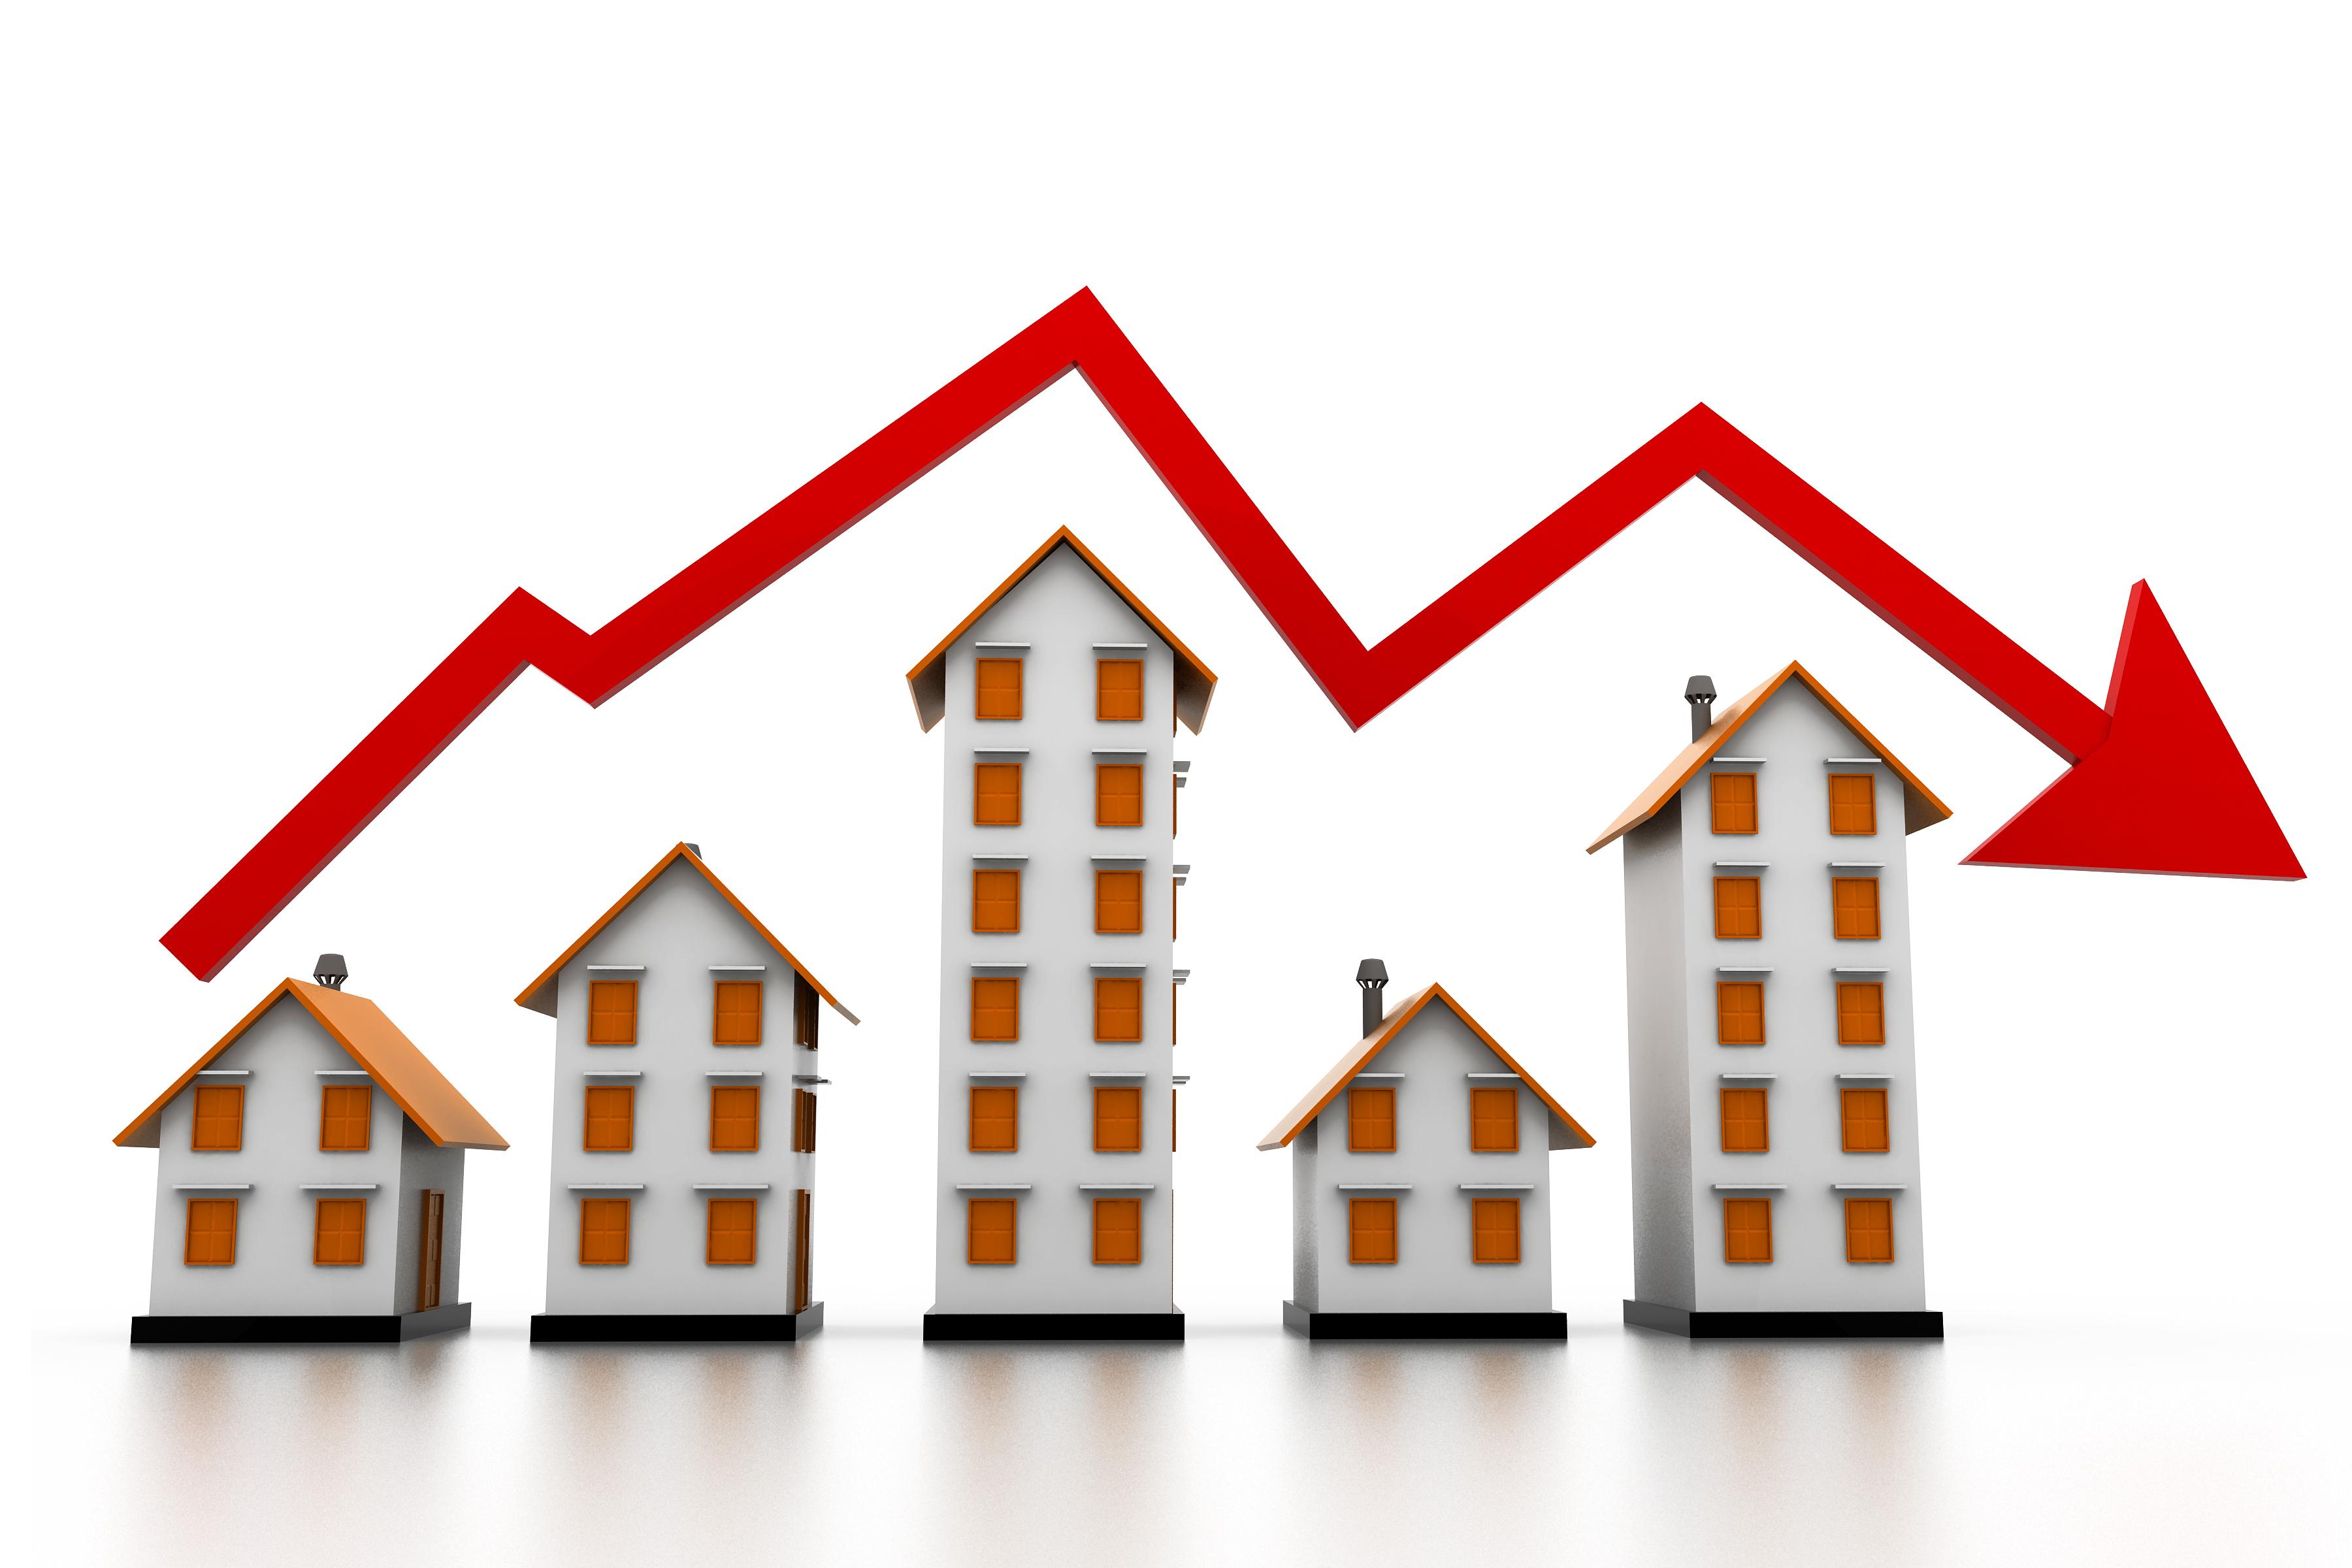 پیشبینی بازار مسکن در بهار 98 1